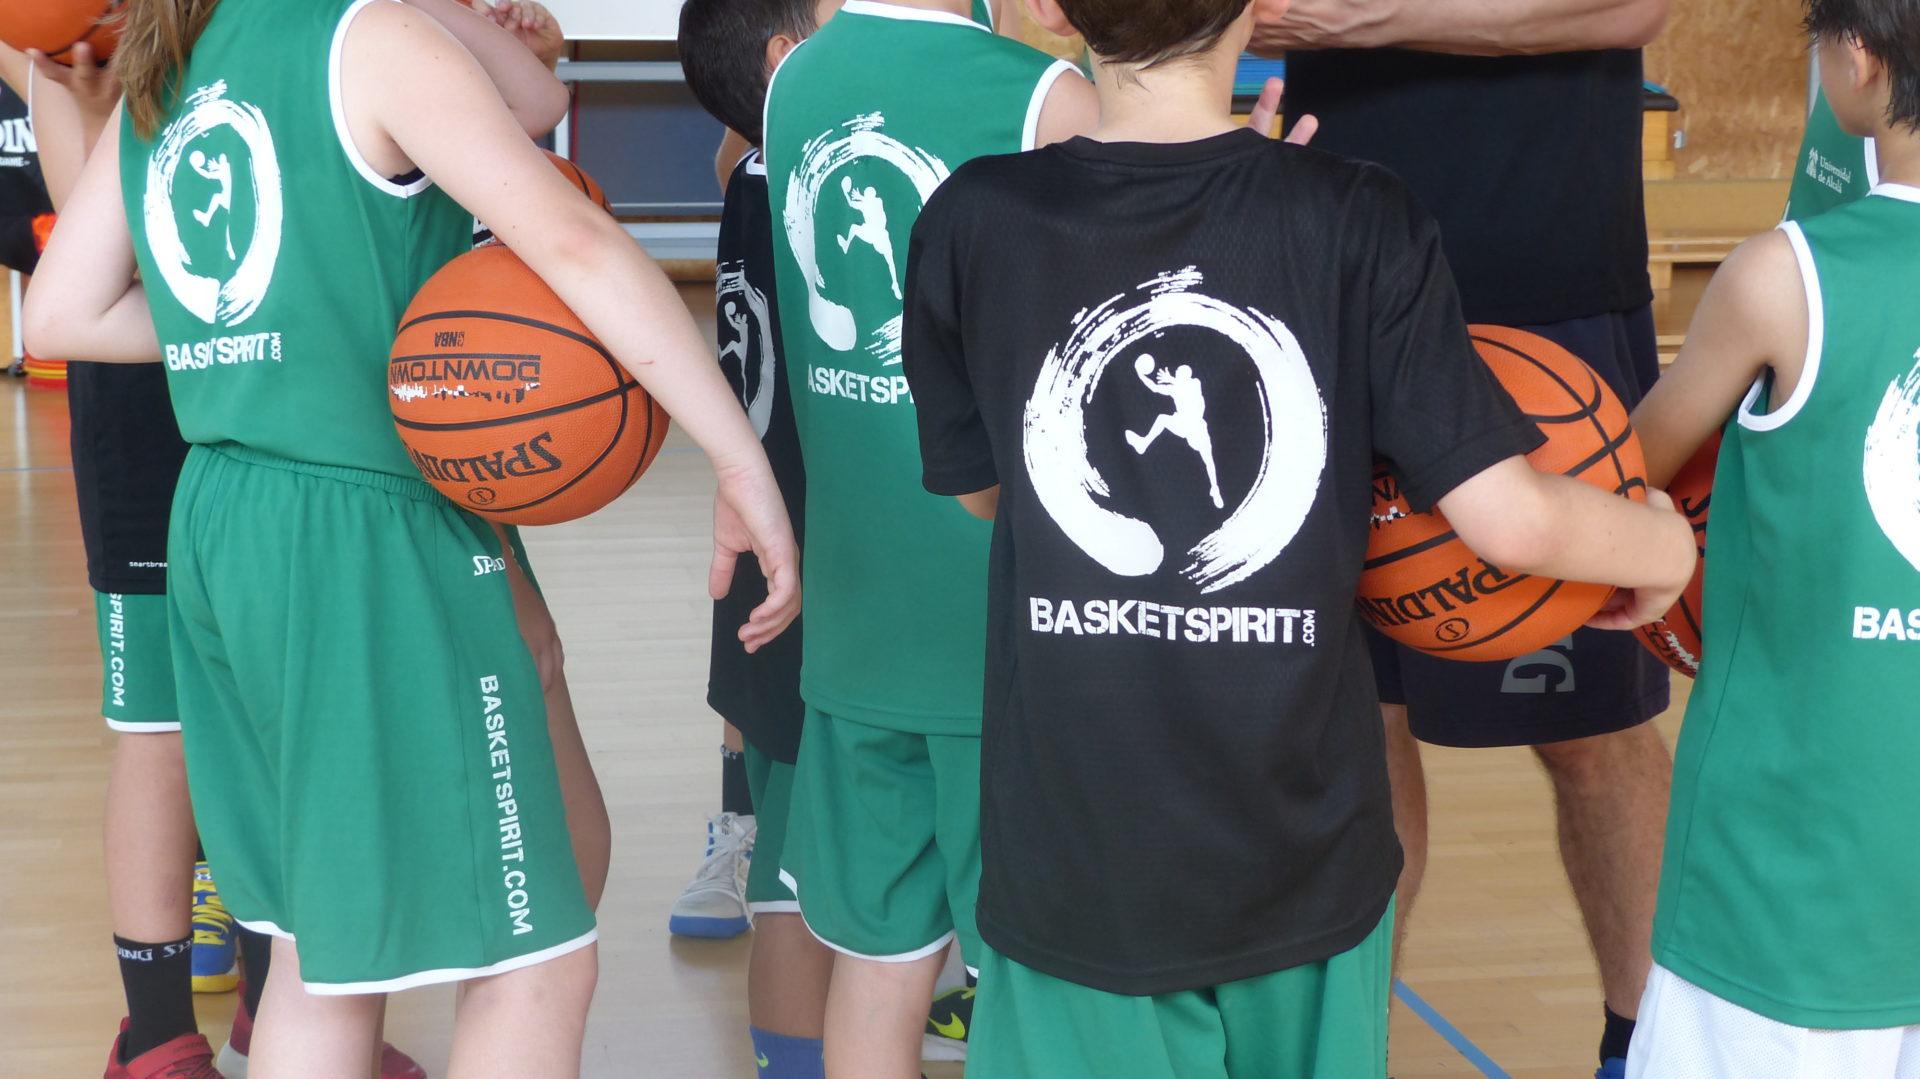 Consejos para el jugador de baloncesto: La actitud